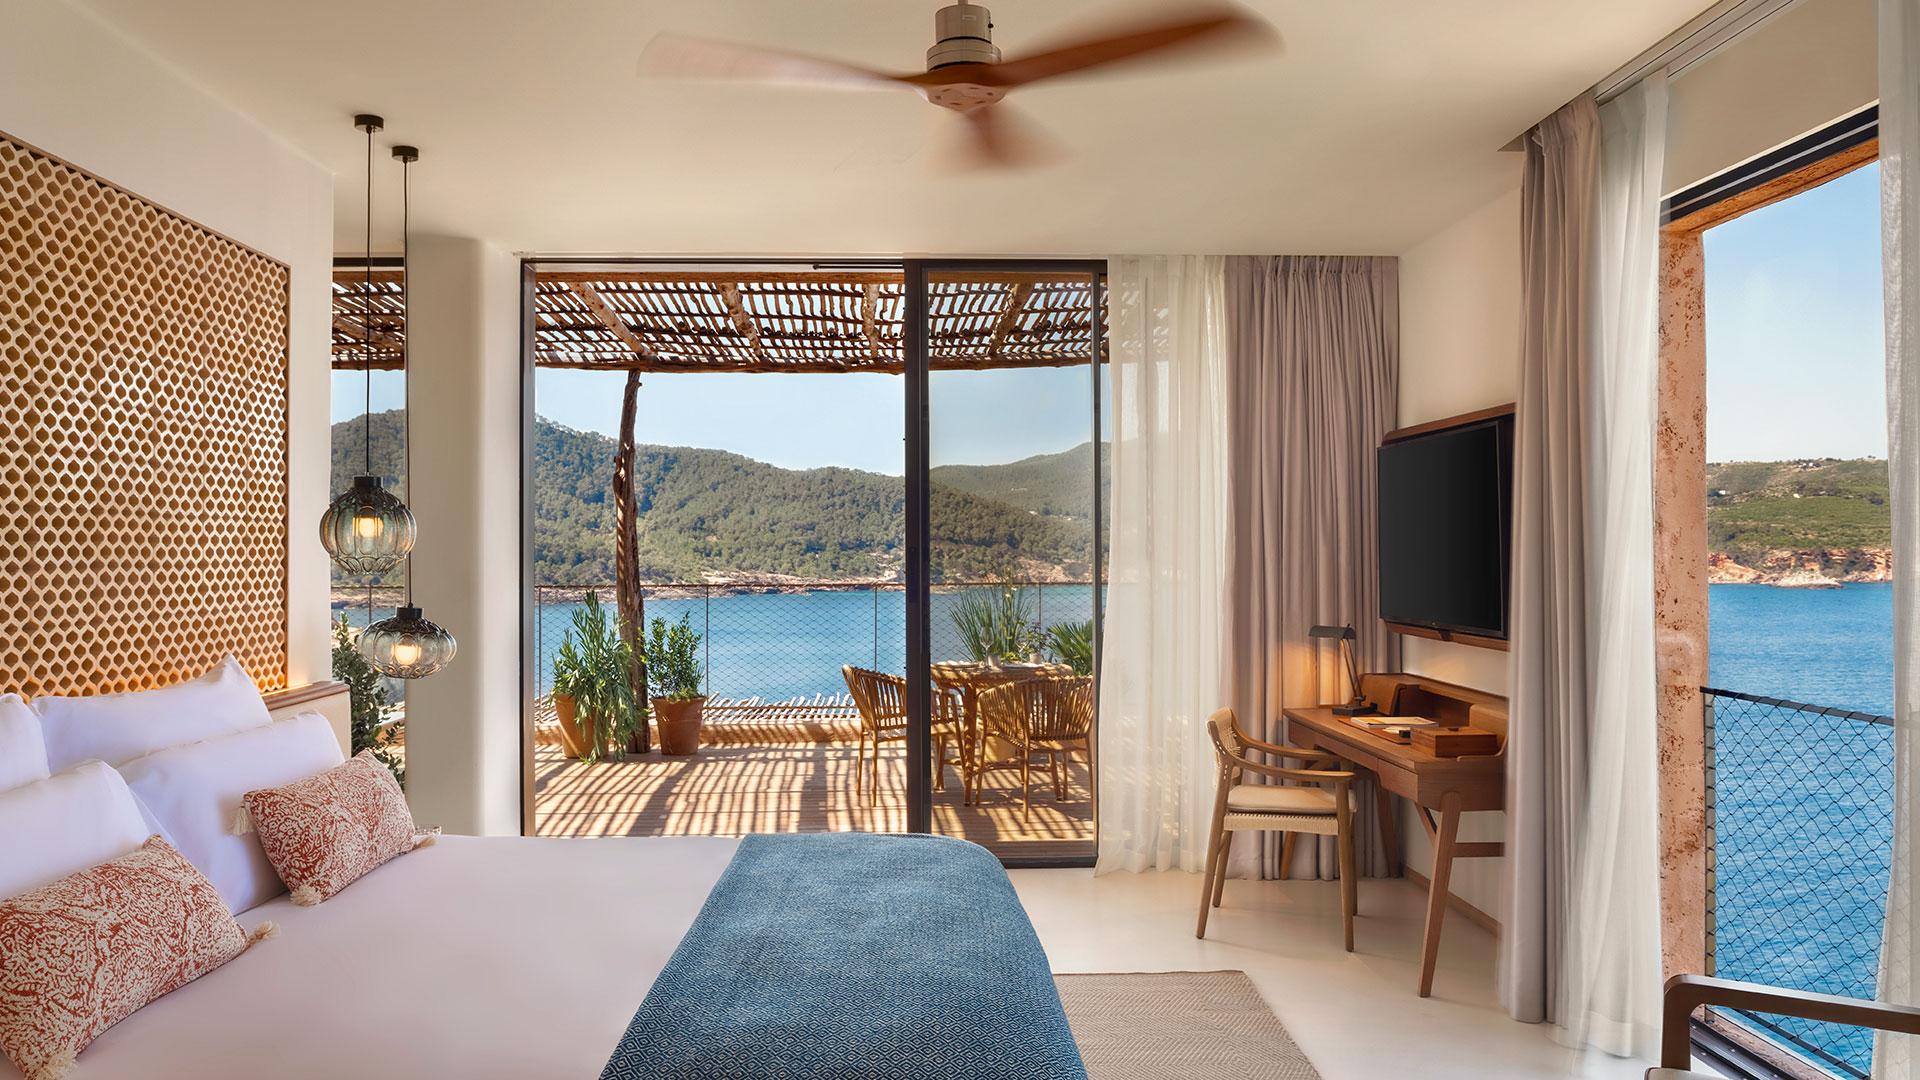 Imágenes del hotel Six Senses Ibiza